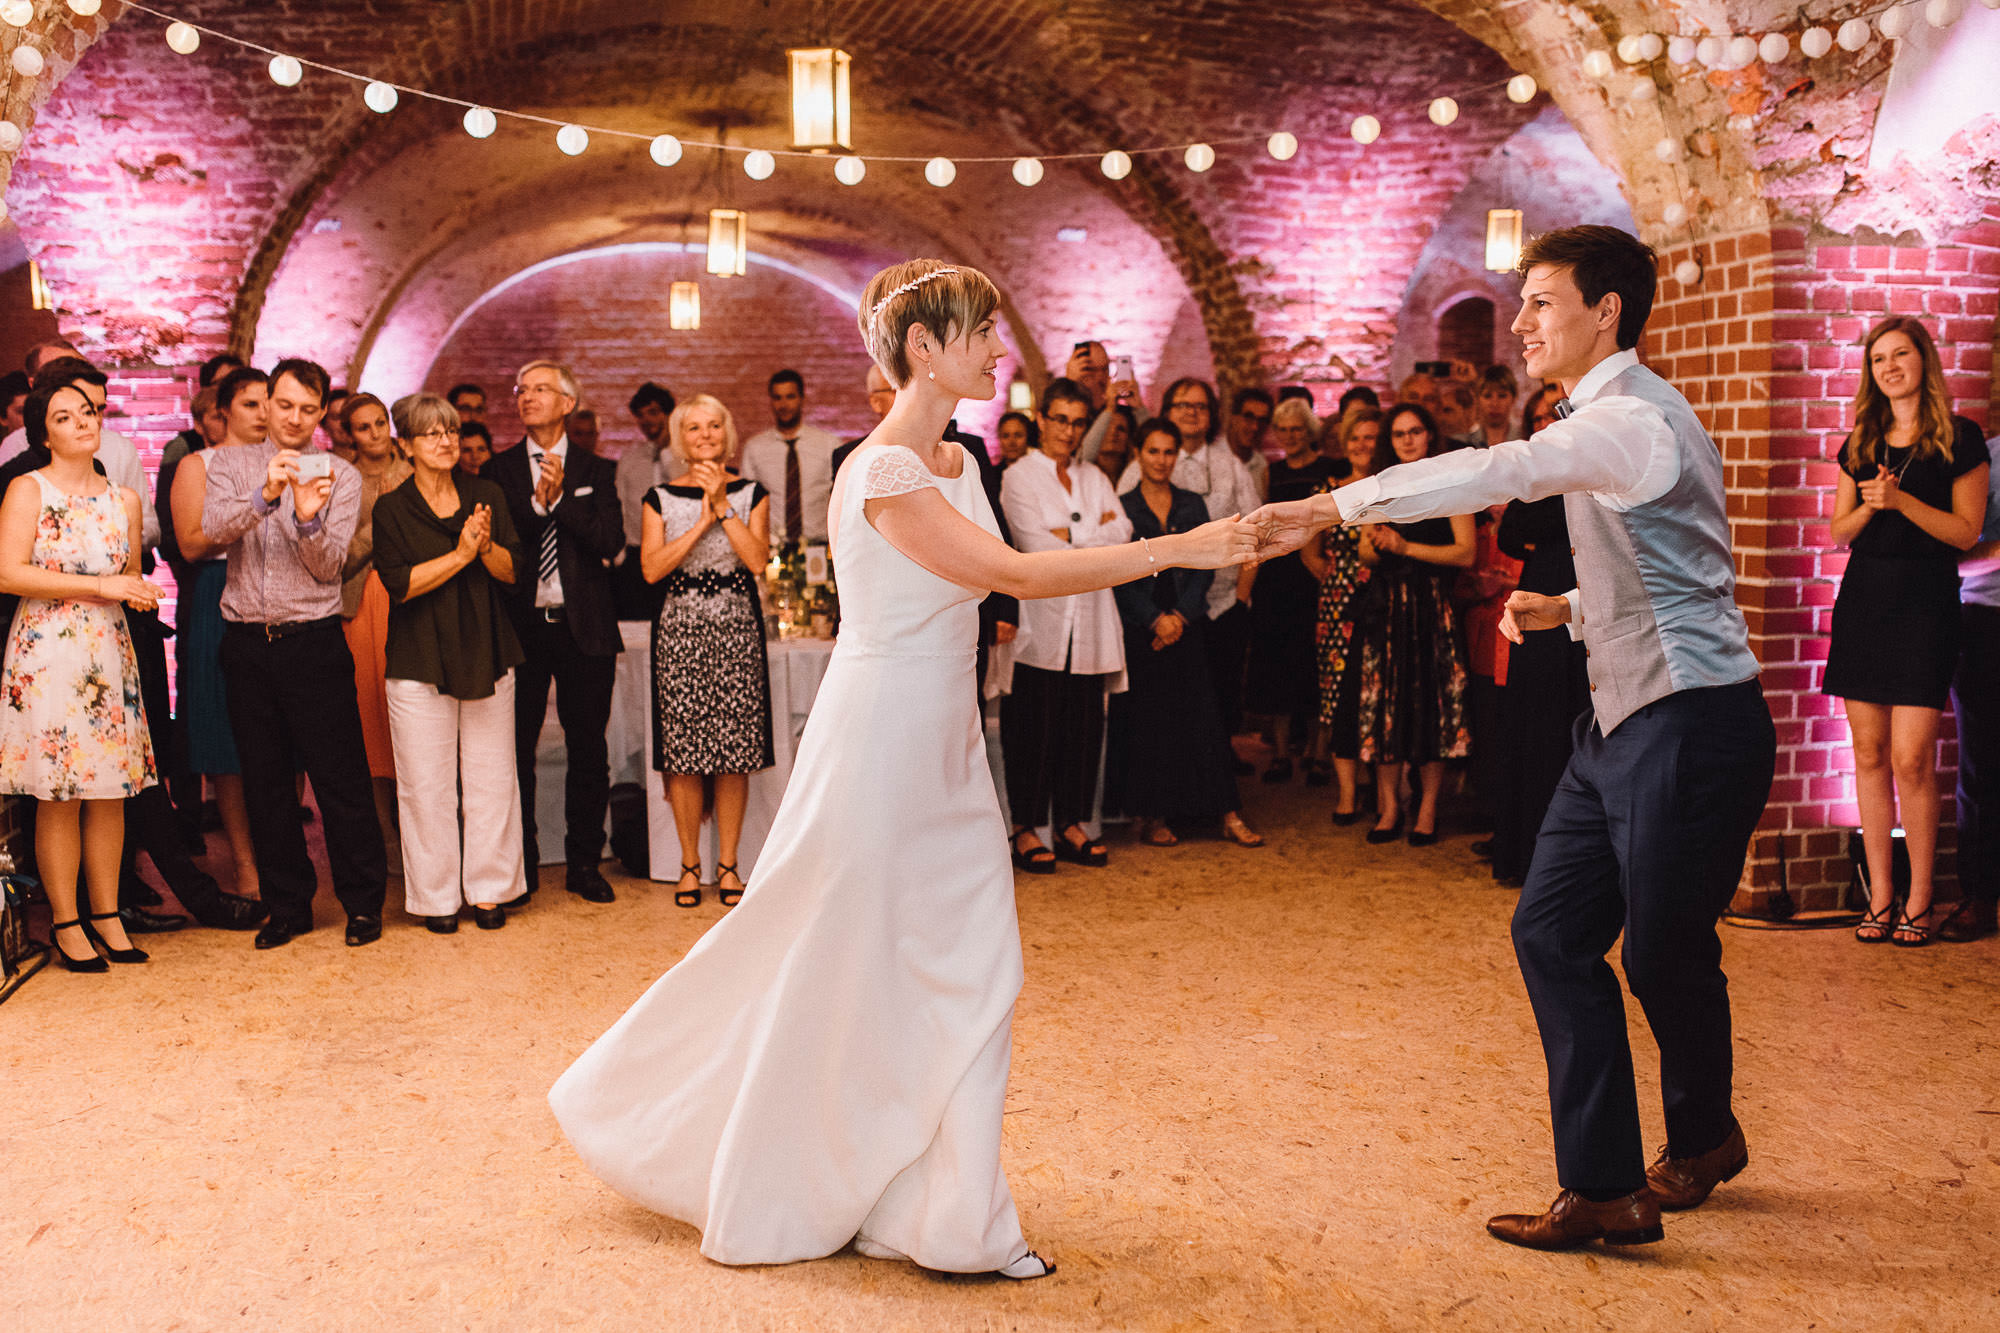 greenery-wedding-hochzeit-prielhof-sukkulenten-scheyern-lauraelenaphotography-118